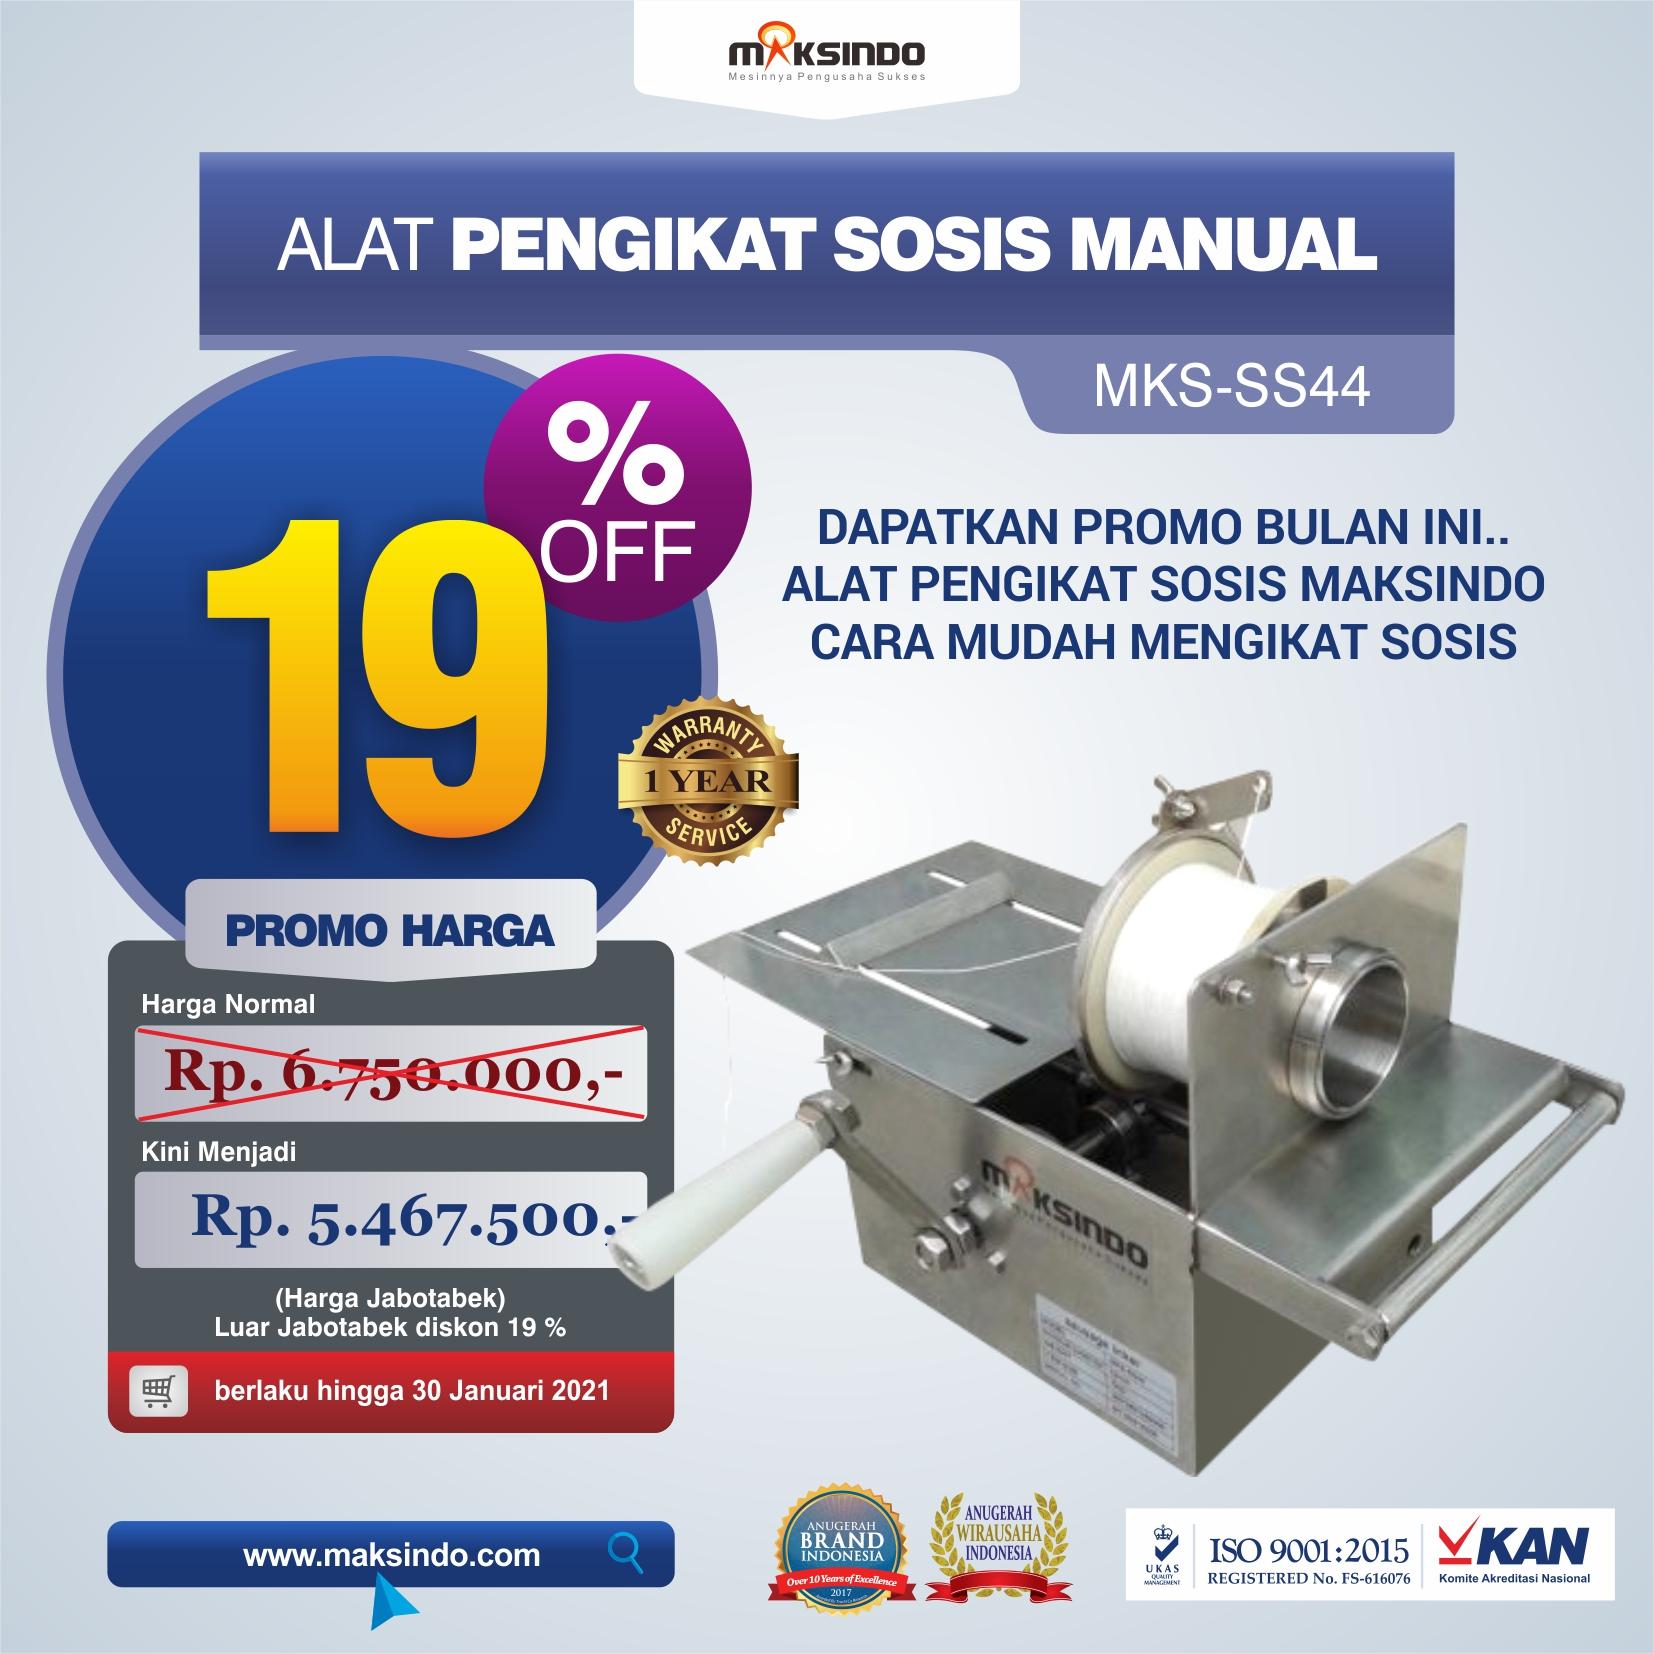 Jual Alat Pengikat Sosis Manual (MKS-SS44) di Malang